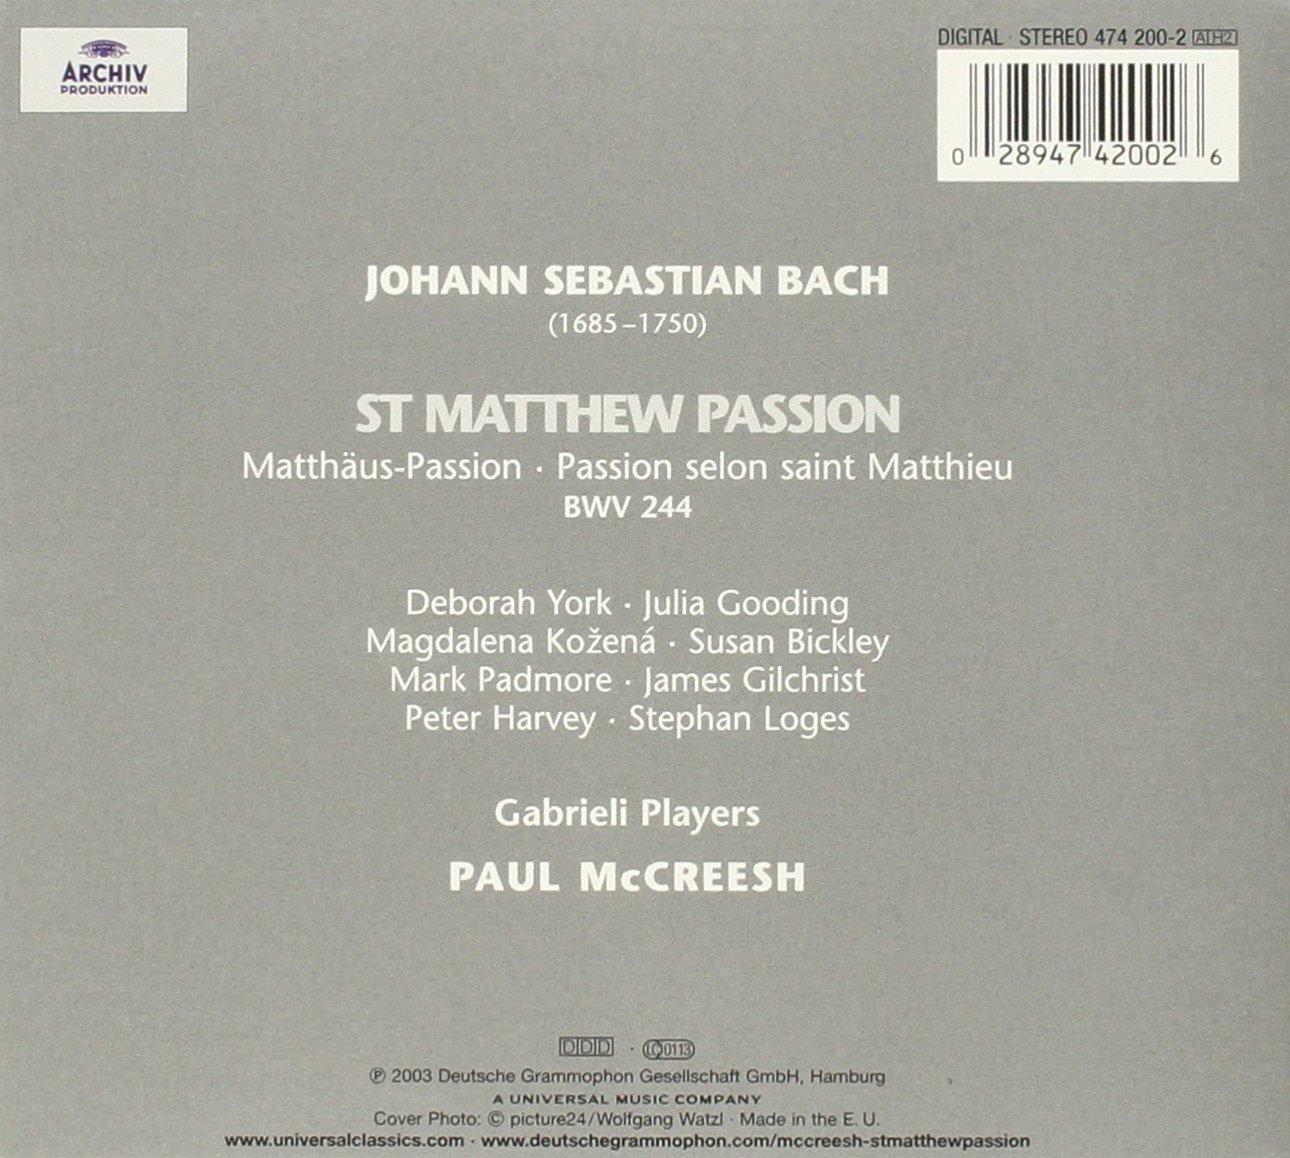 Bach: St Matthew Passion (Matthäus-Passion)